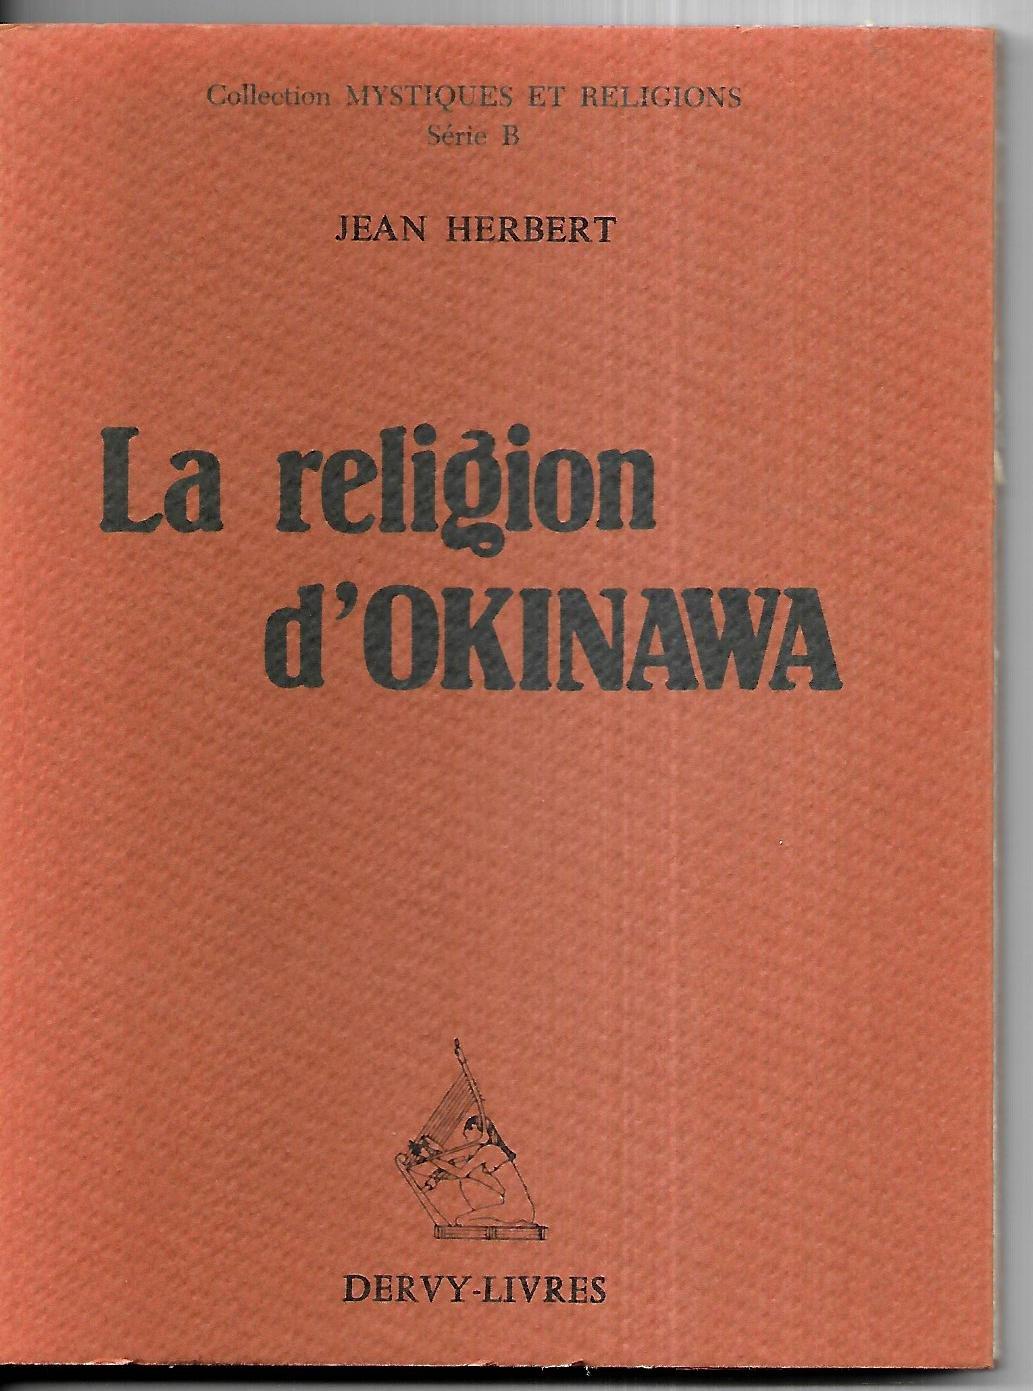 La religion d'Okinawa